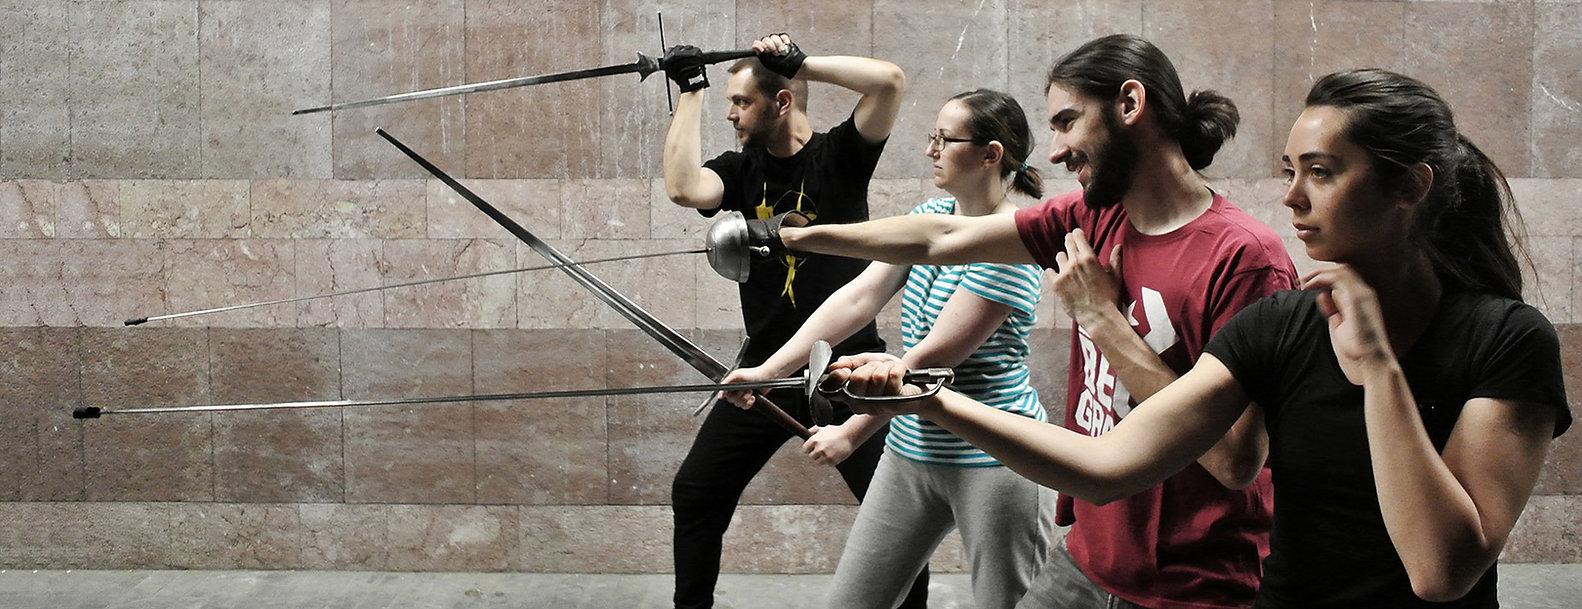 Mačevanje u Beogradu - PERO škol mačevanja